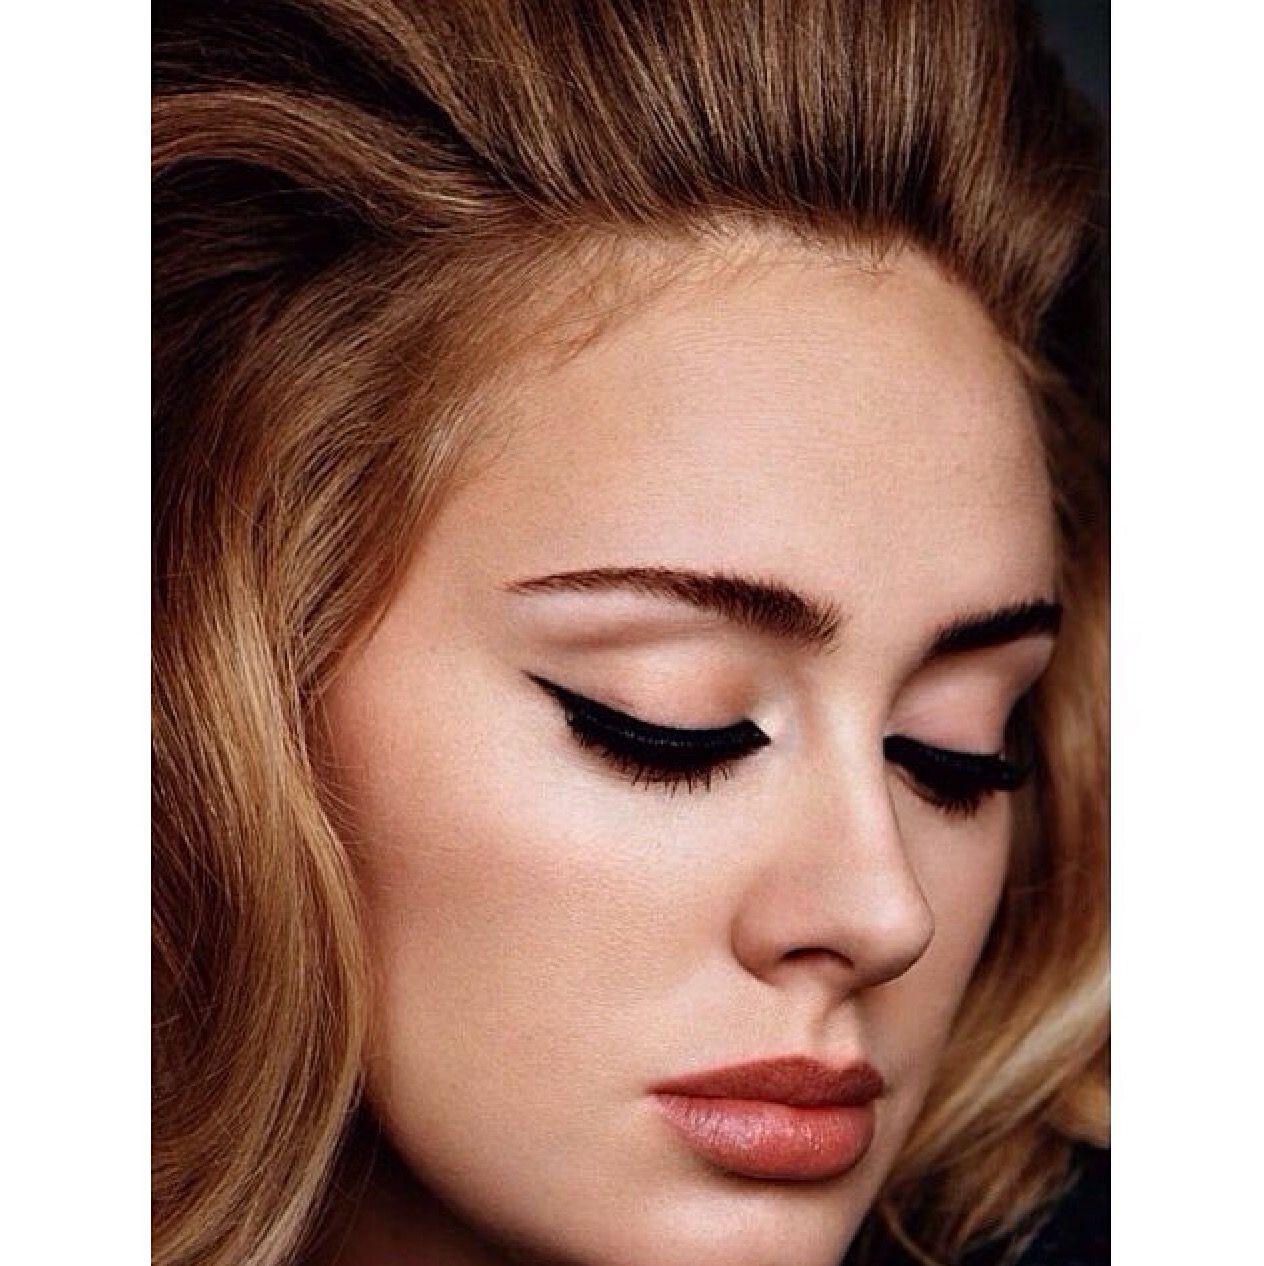 Pin By Kim Carter On Adele Adele Makeup Adele Adele